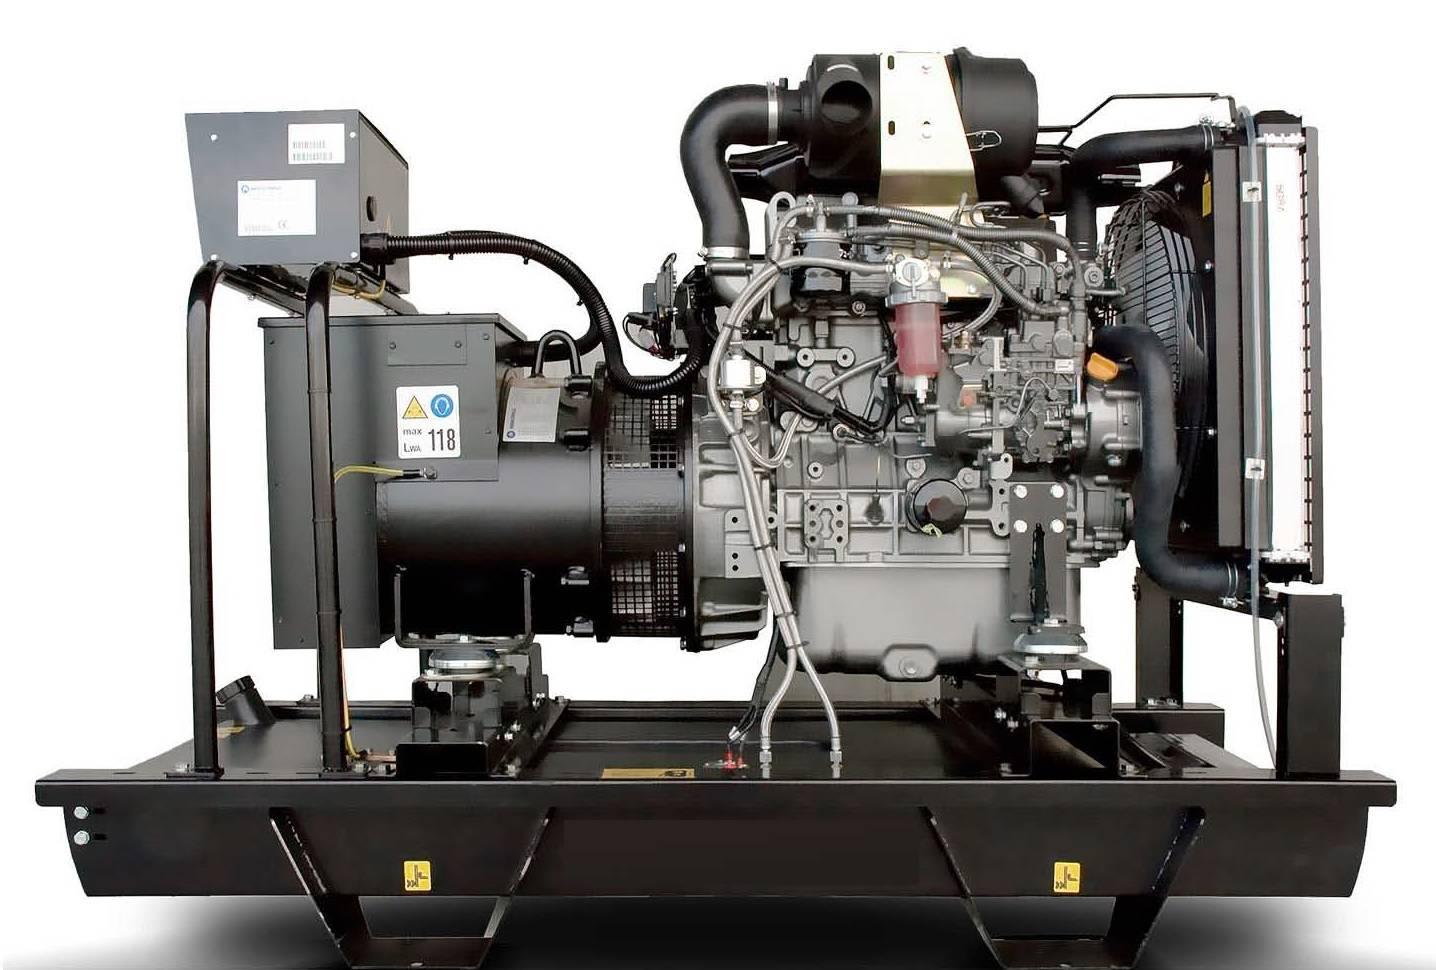 Бензиновый генератор с автозапуском: топ-10 лучших моделей для дома со встроенным авр однофазных и трехфазных, обзор характеристик